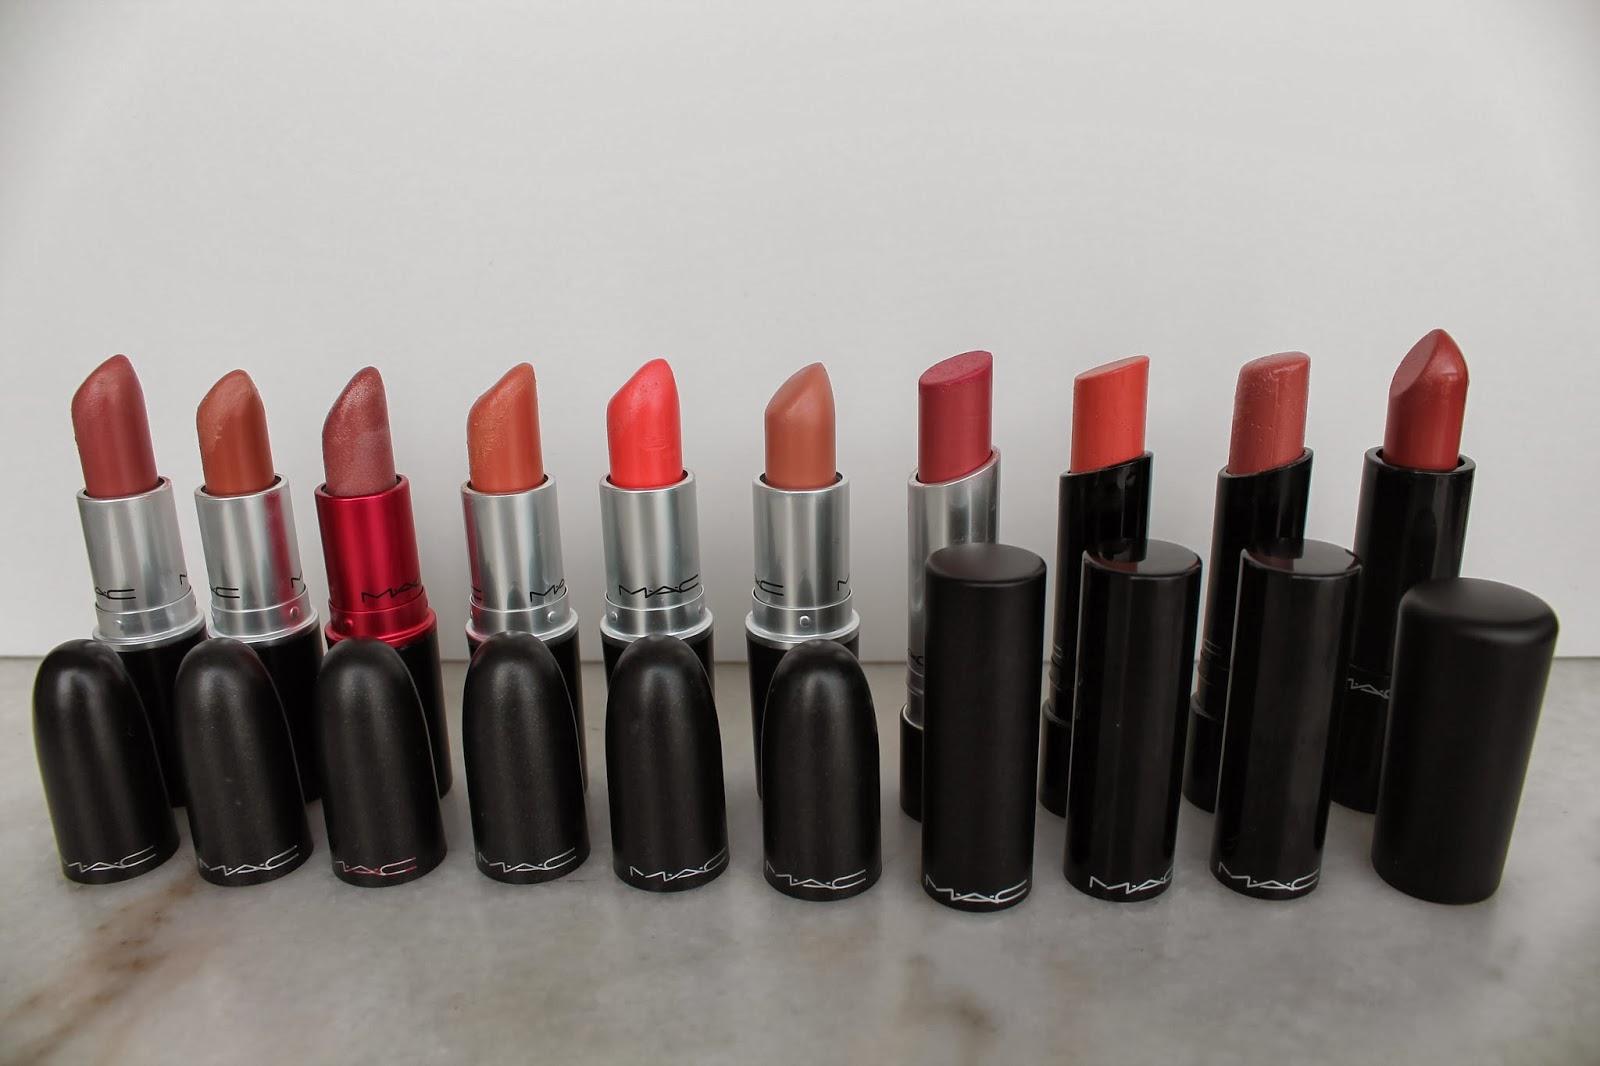 Rouges à lèvres MAC